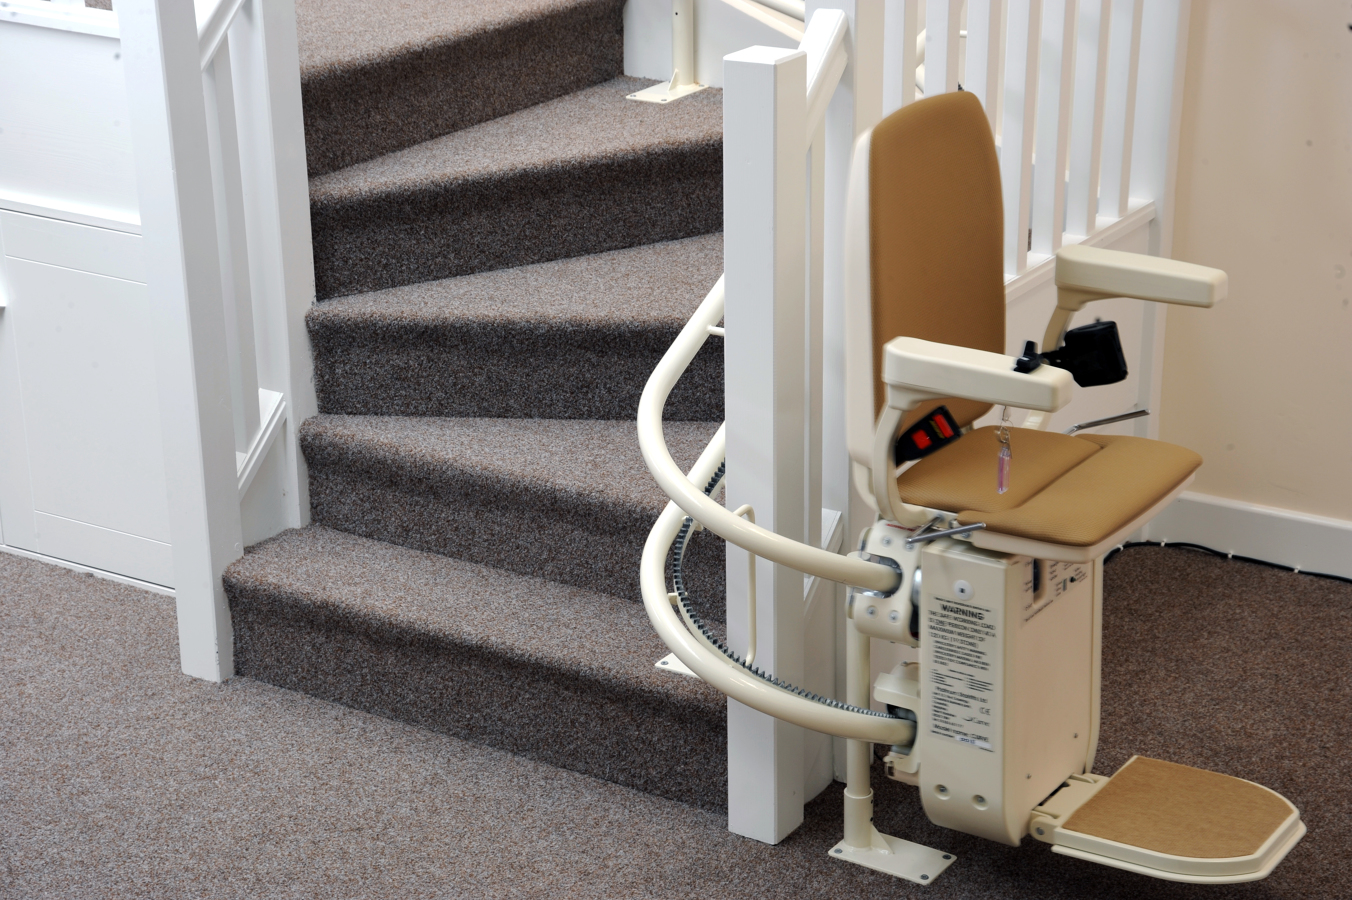 Foto silla salvaescaleras de verticala vida s l 224804 habitissimo - Silla elevadora para escaleras ...